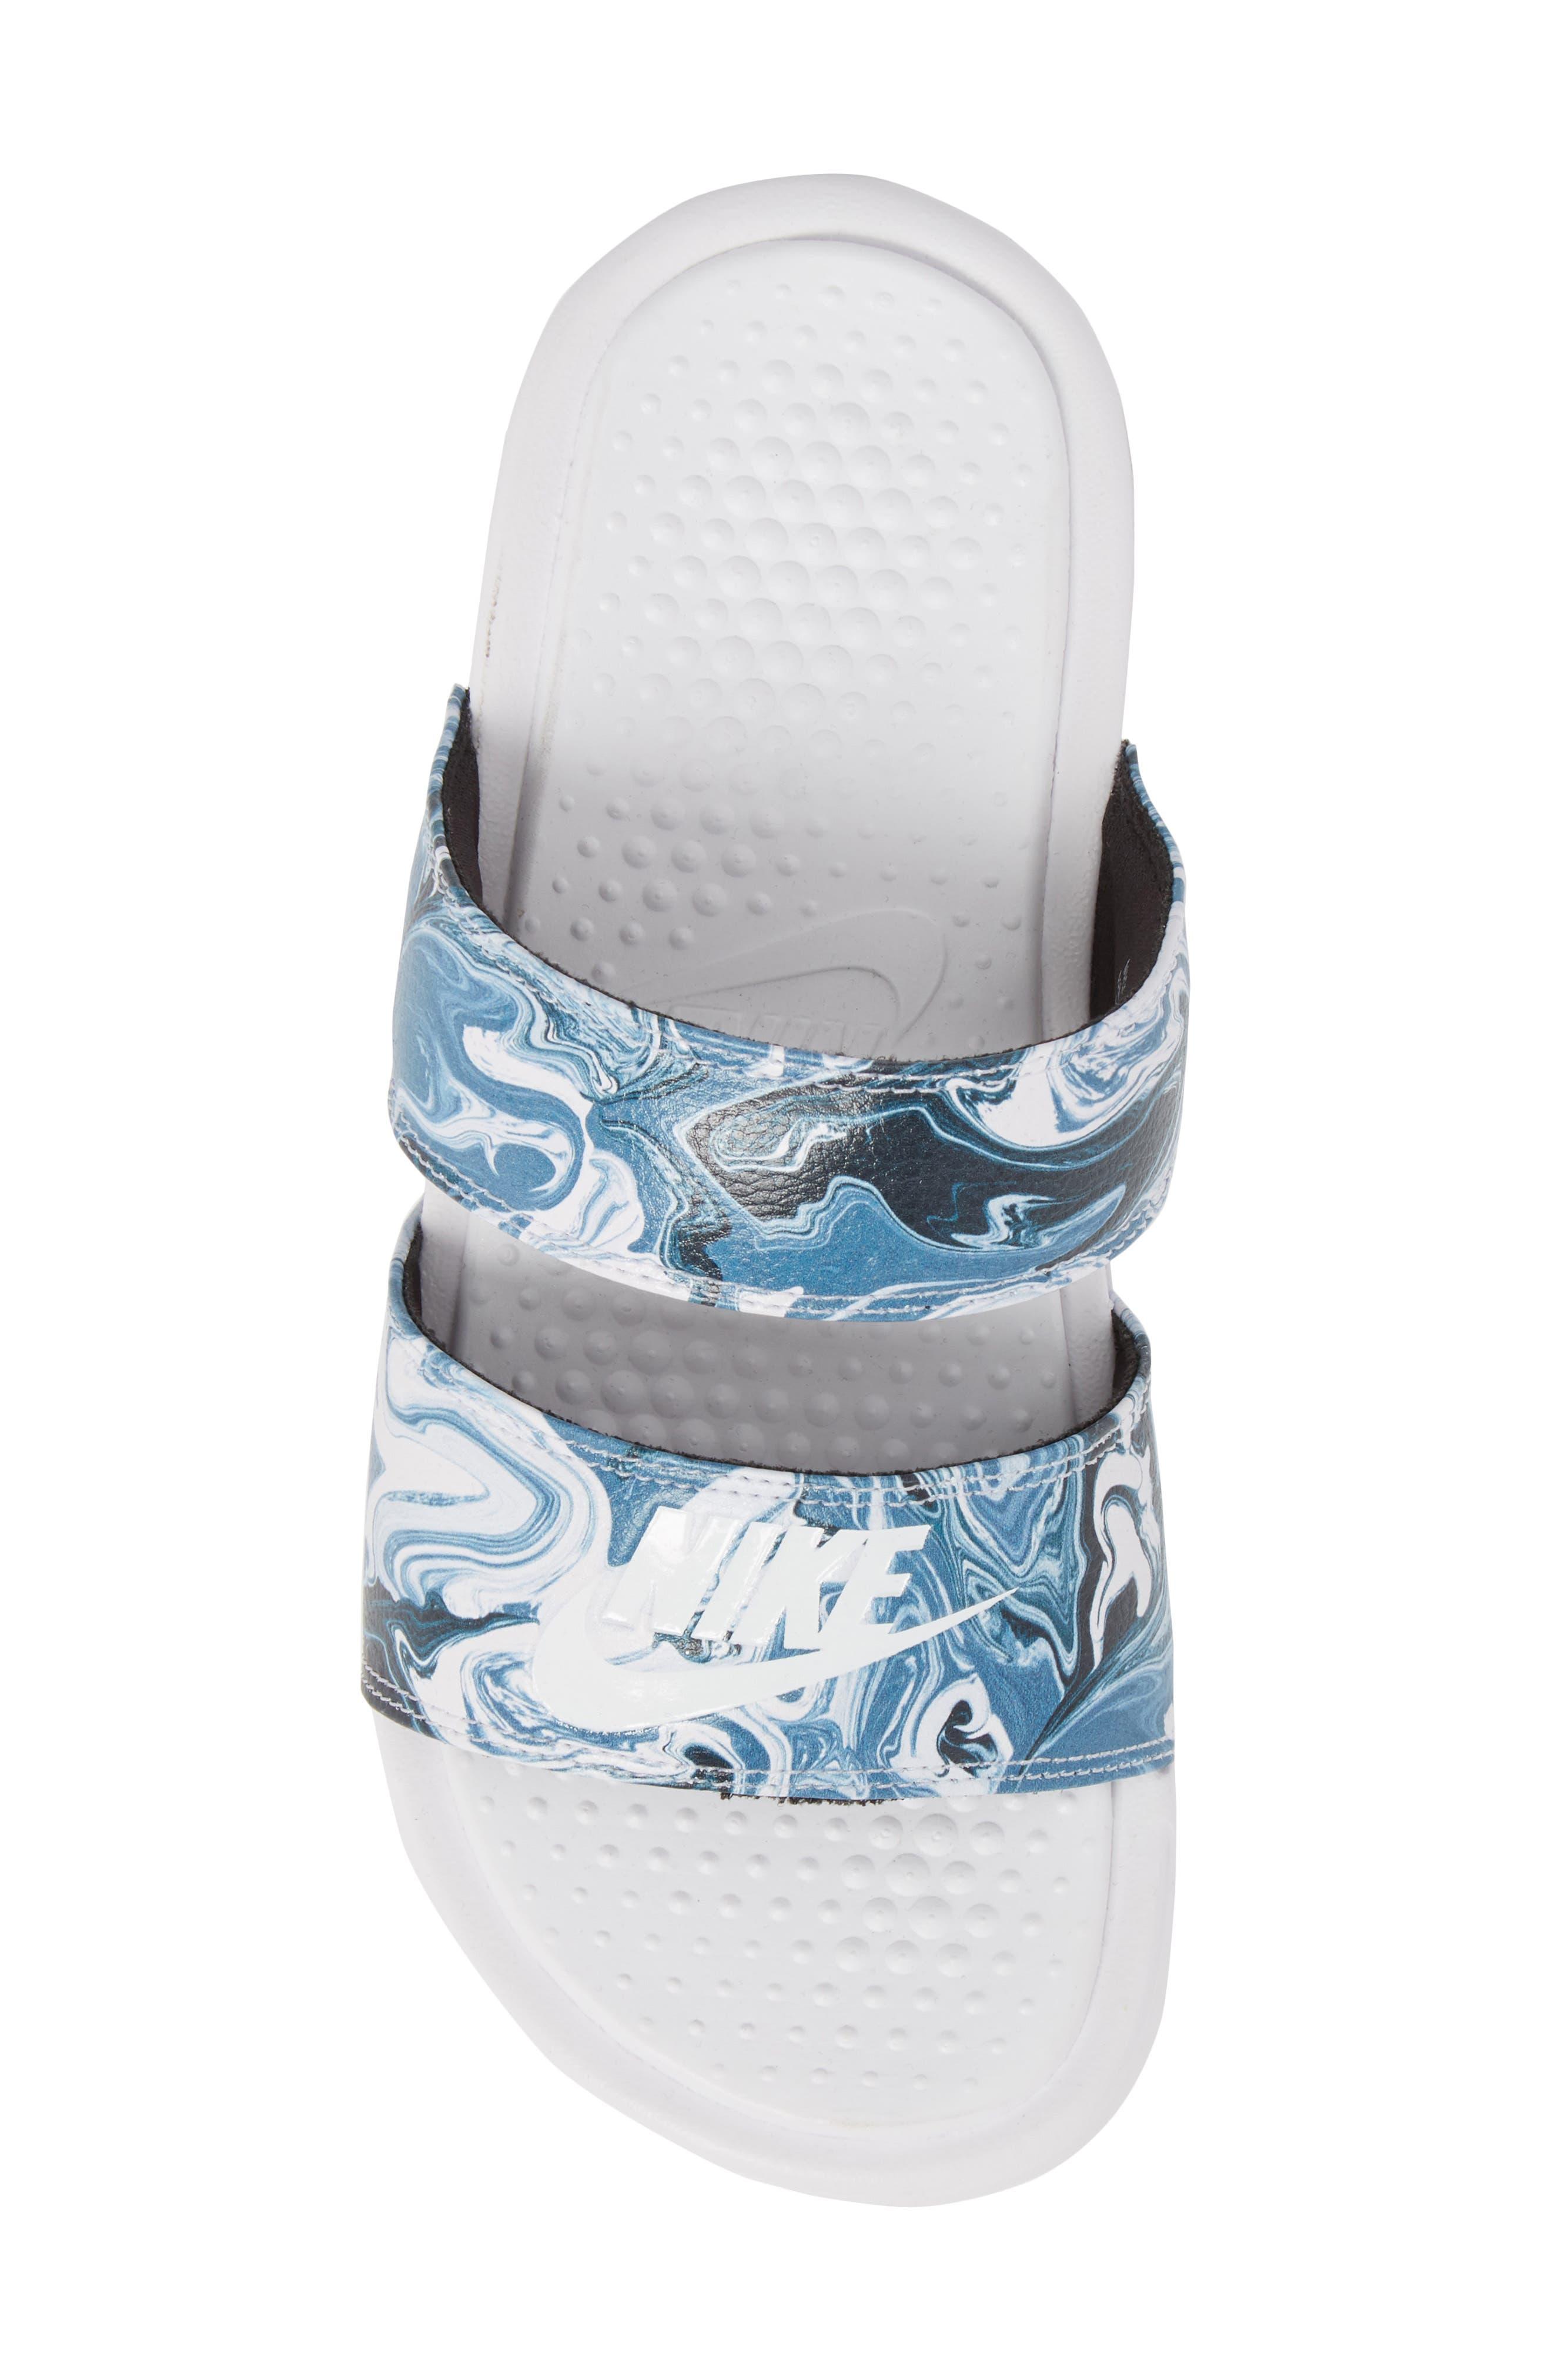 Benassi Duo Ultra Slide Sandal,                             Alternate thumbnail 5, color,                             Black/ White